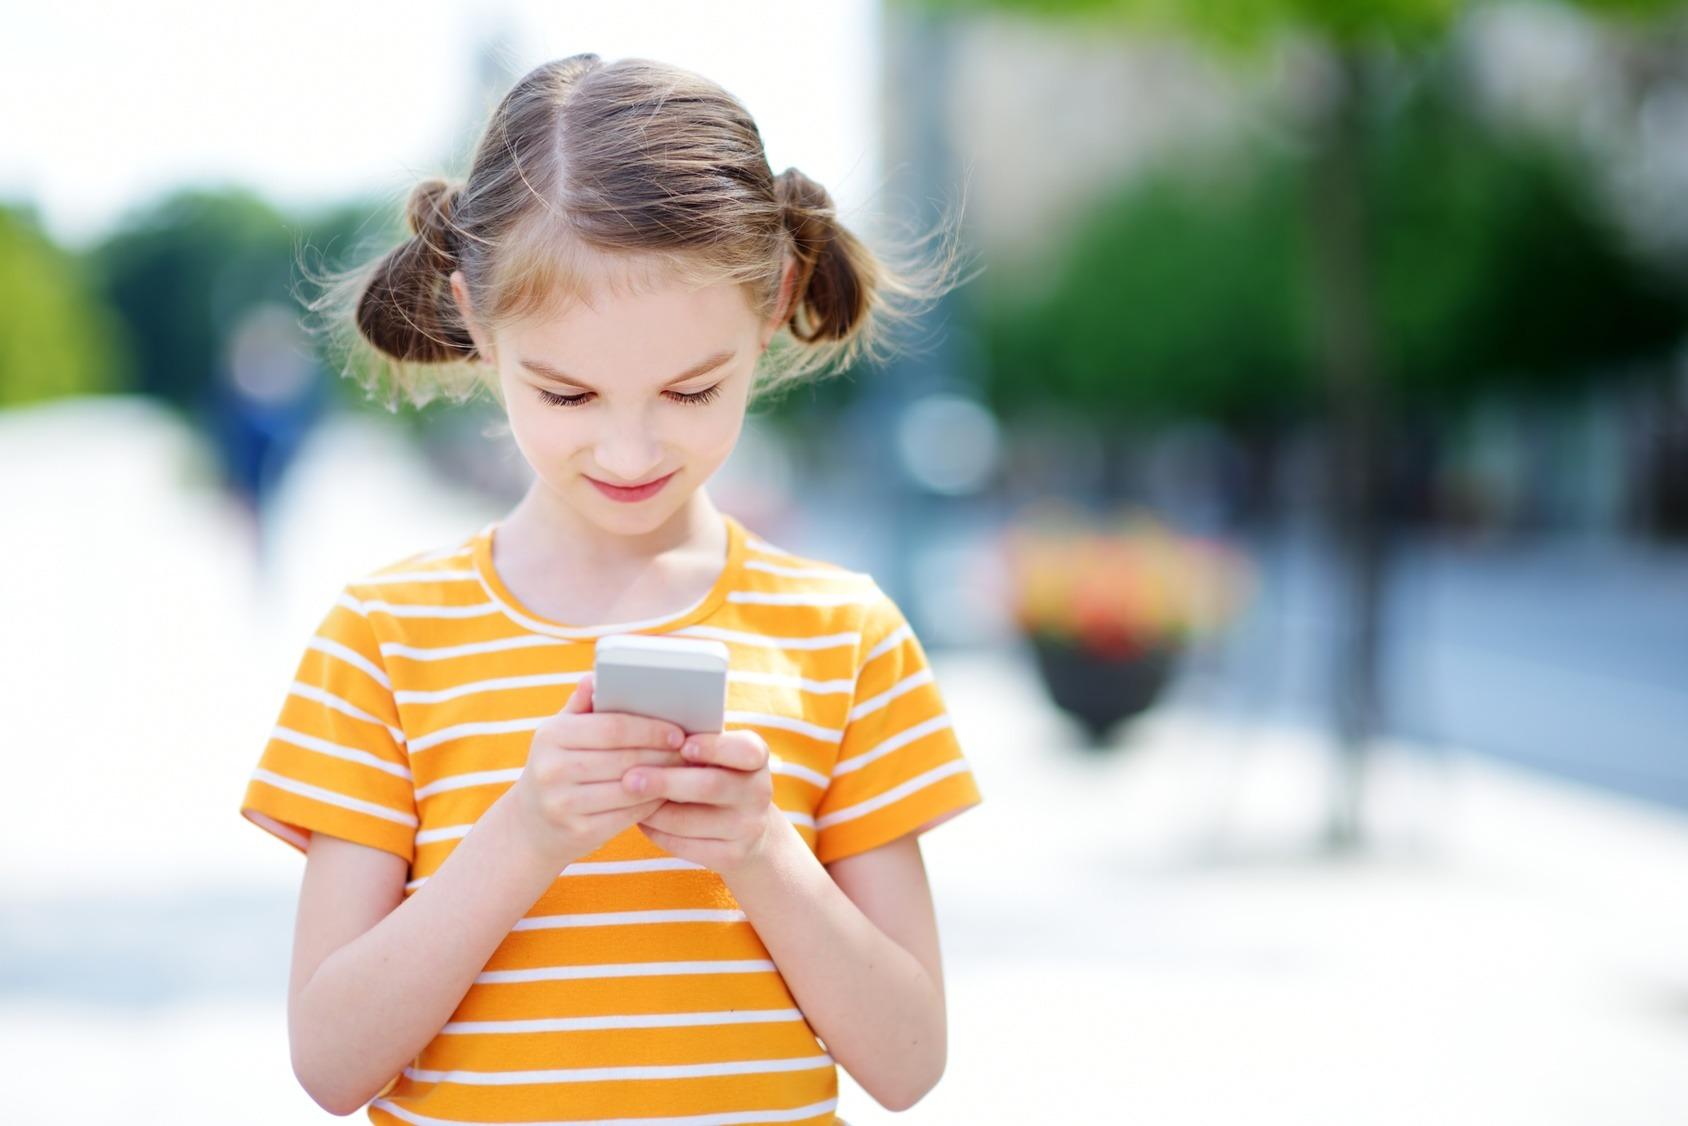 Junges Mädchen spielt mit einer Augmented Reality App auf ihrem Smartphone.